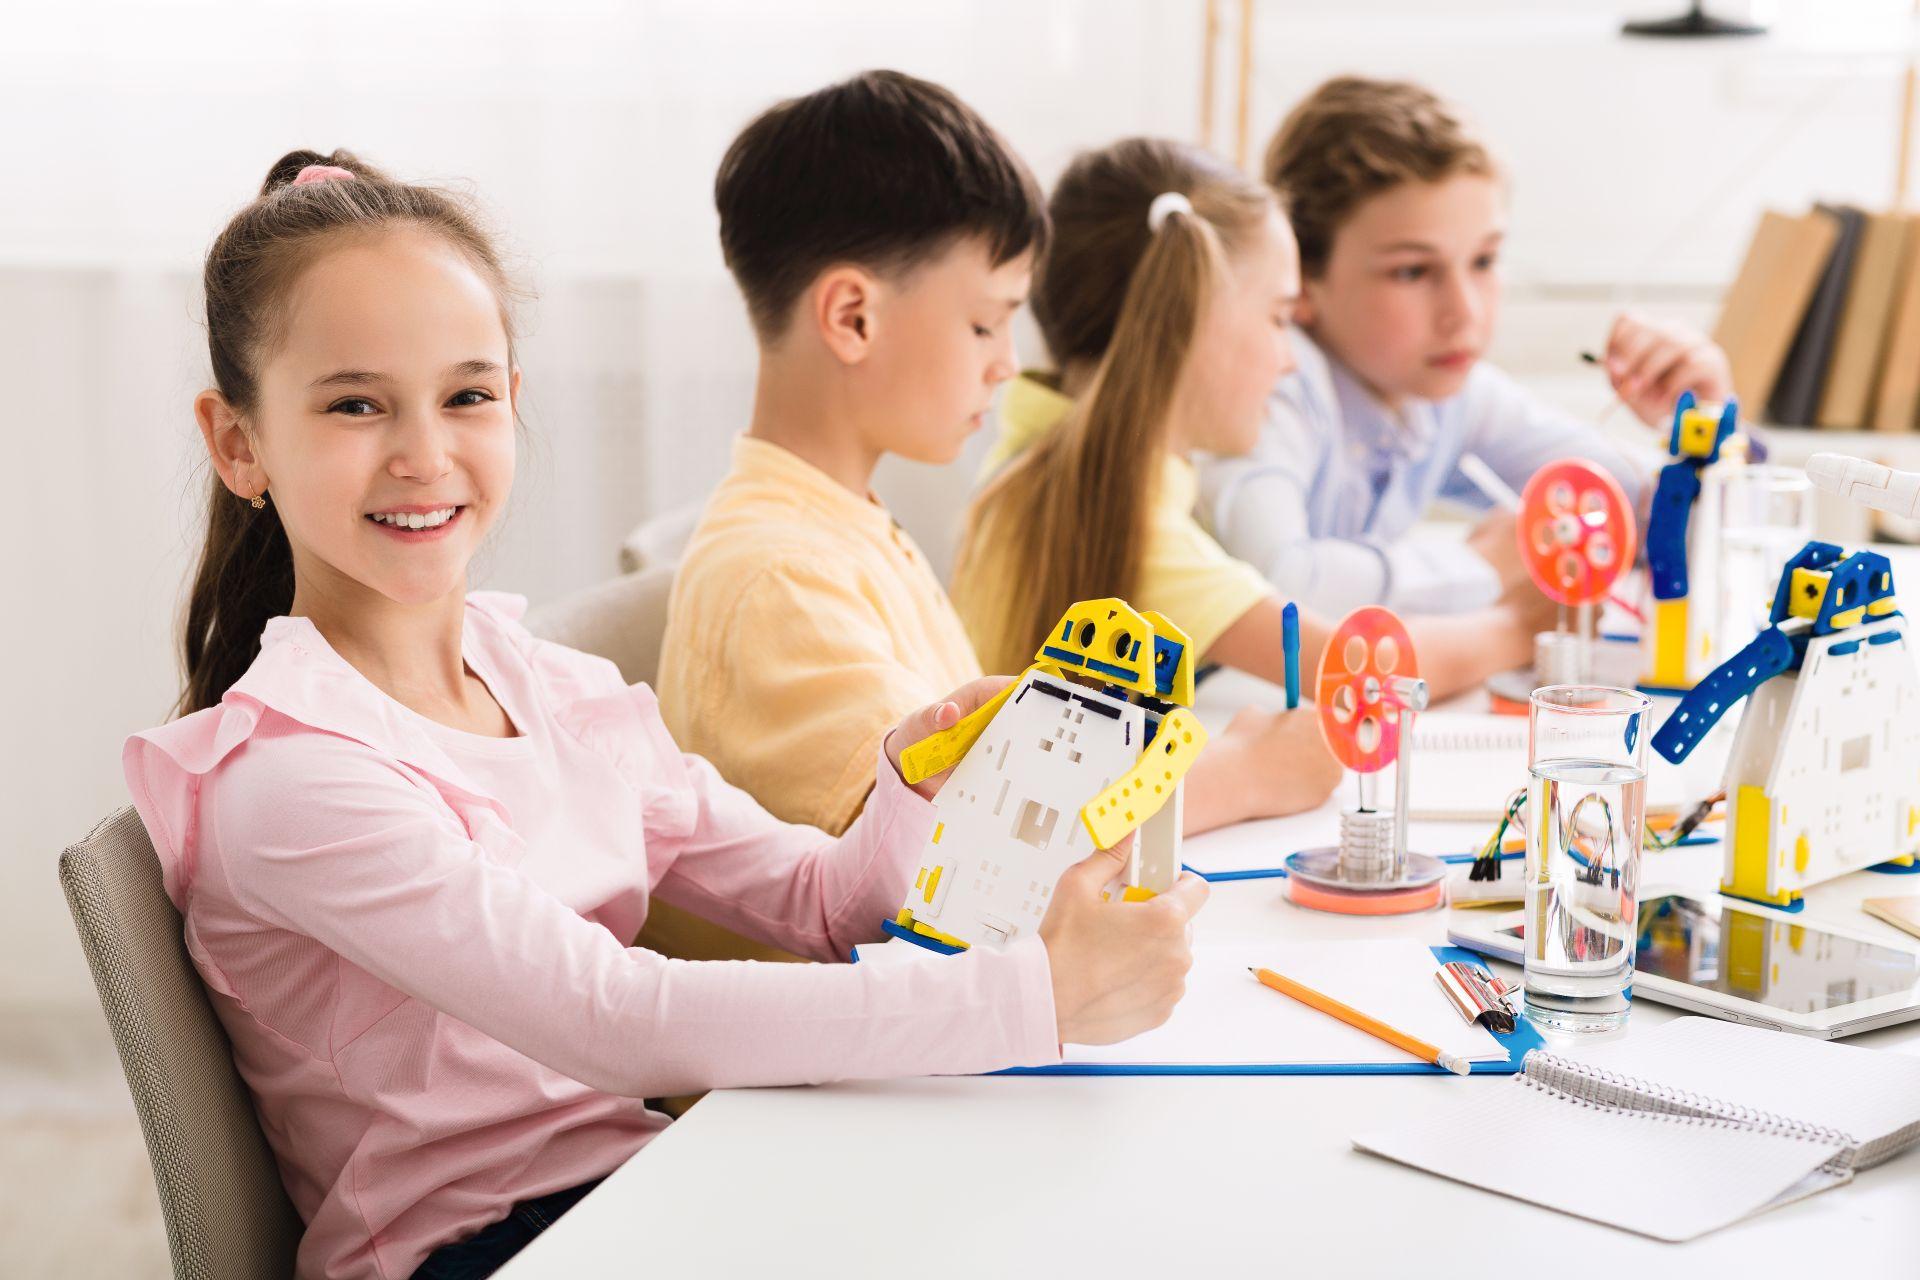 Dzieci na zajęciach plastycznych tworzą papierowe roboty